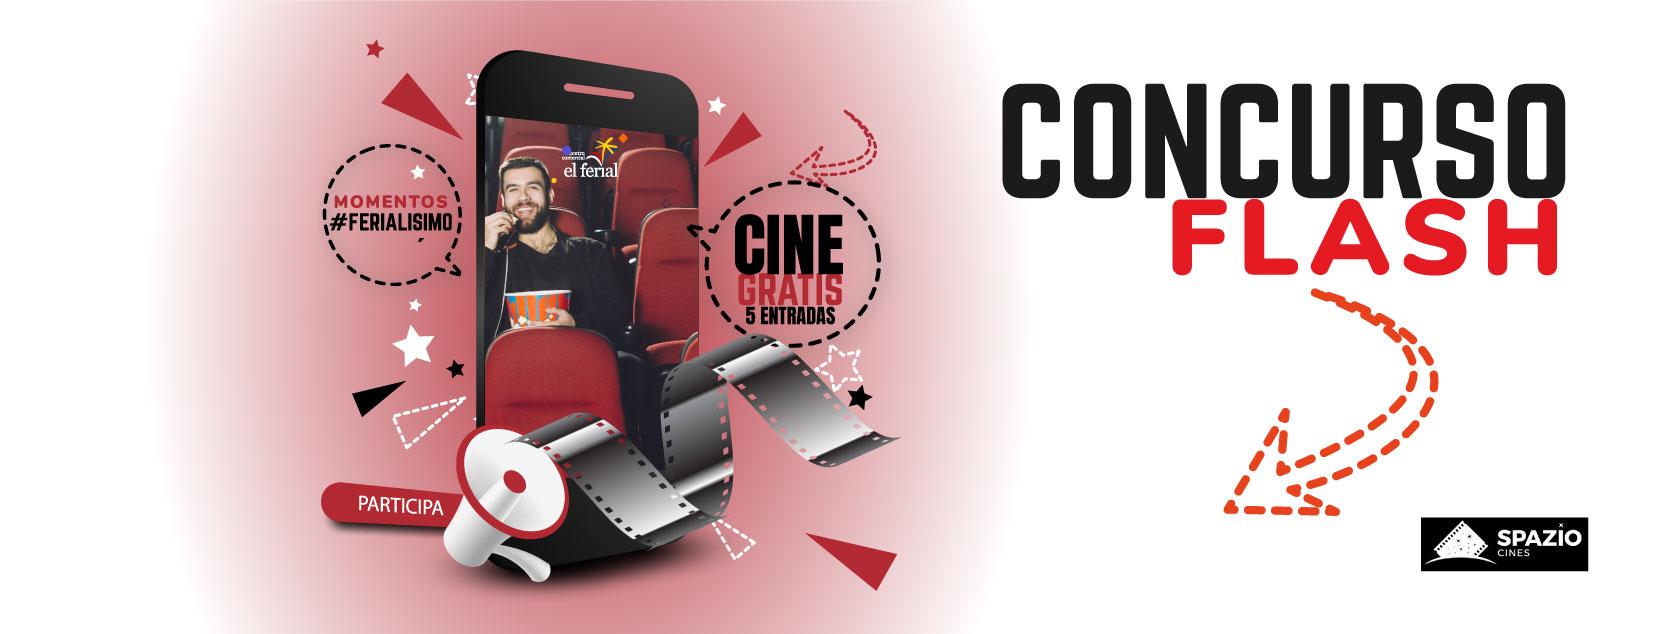 Concurso Flash. Regalamos 5 entradas de cine